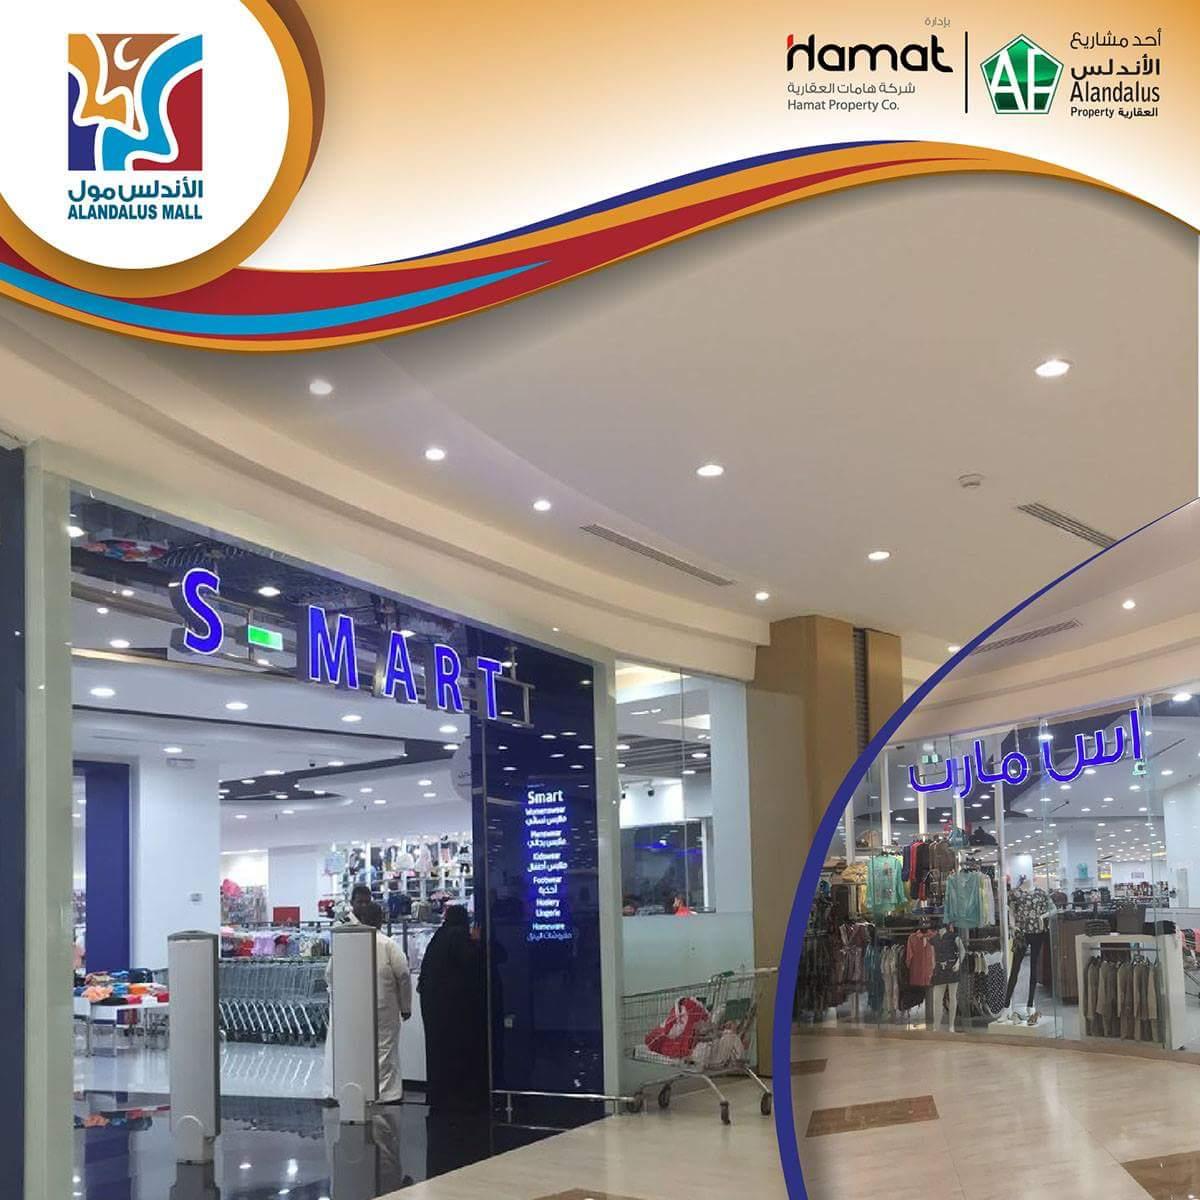 الأندلس مول Alandalus Mall בטוויטר مفتوح الان اس مارت عشق التسوق روعة المكان مول رياضة الأربعاء المملكة السعودية الأندلس مول